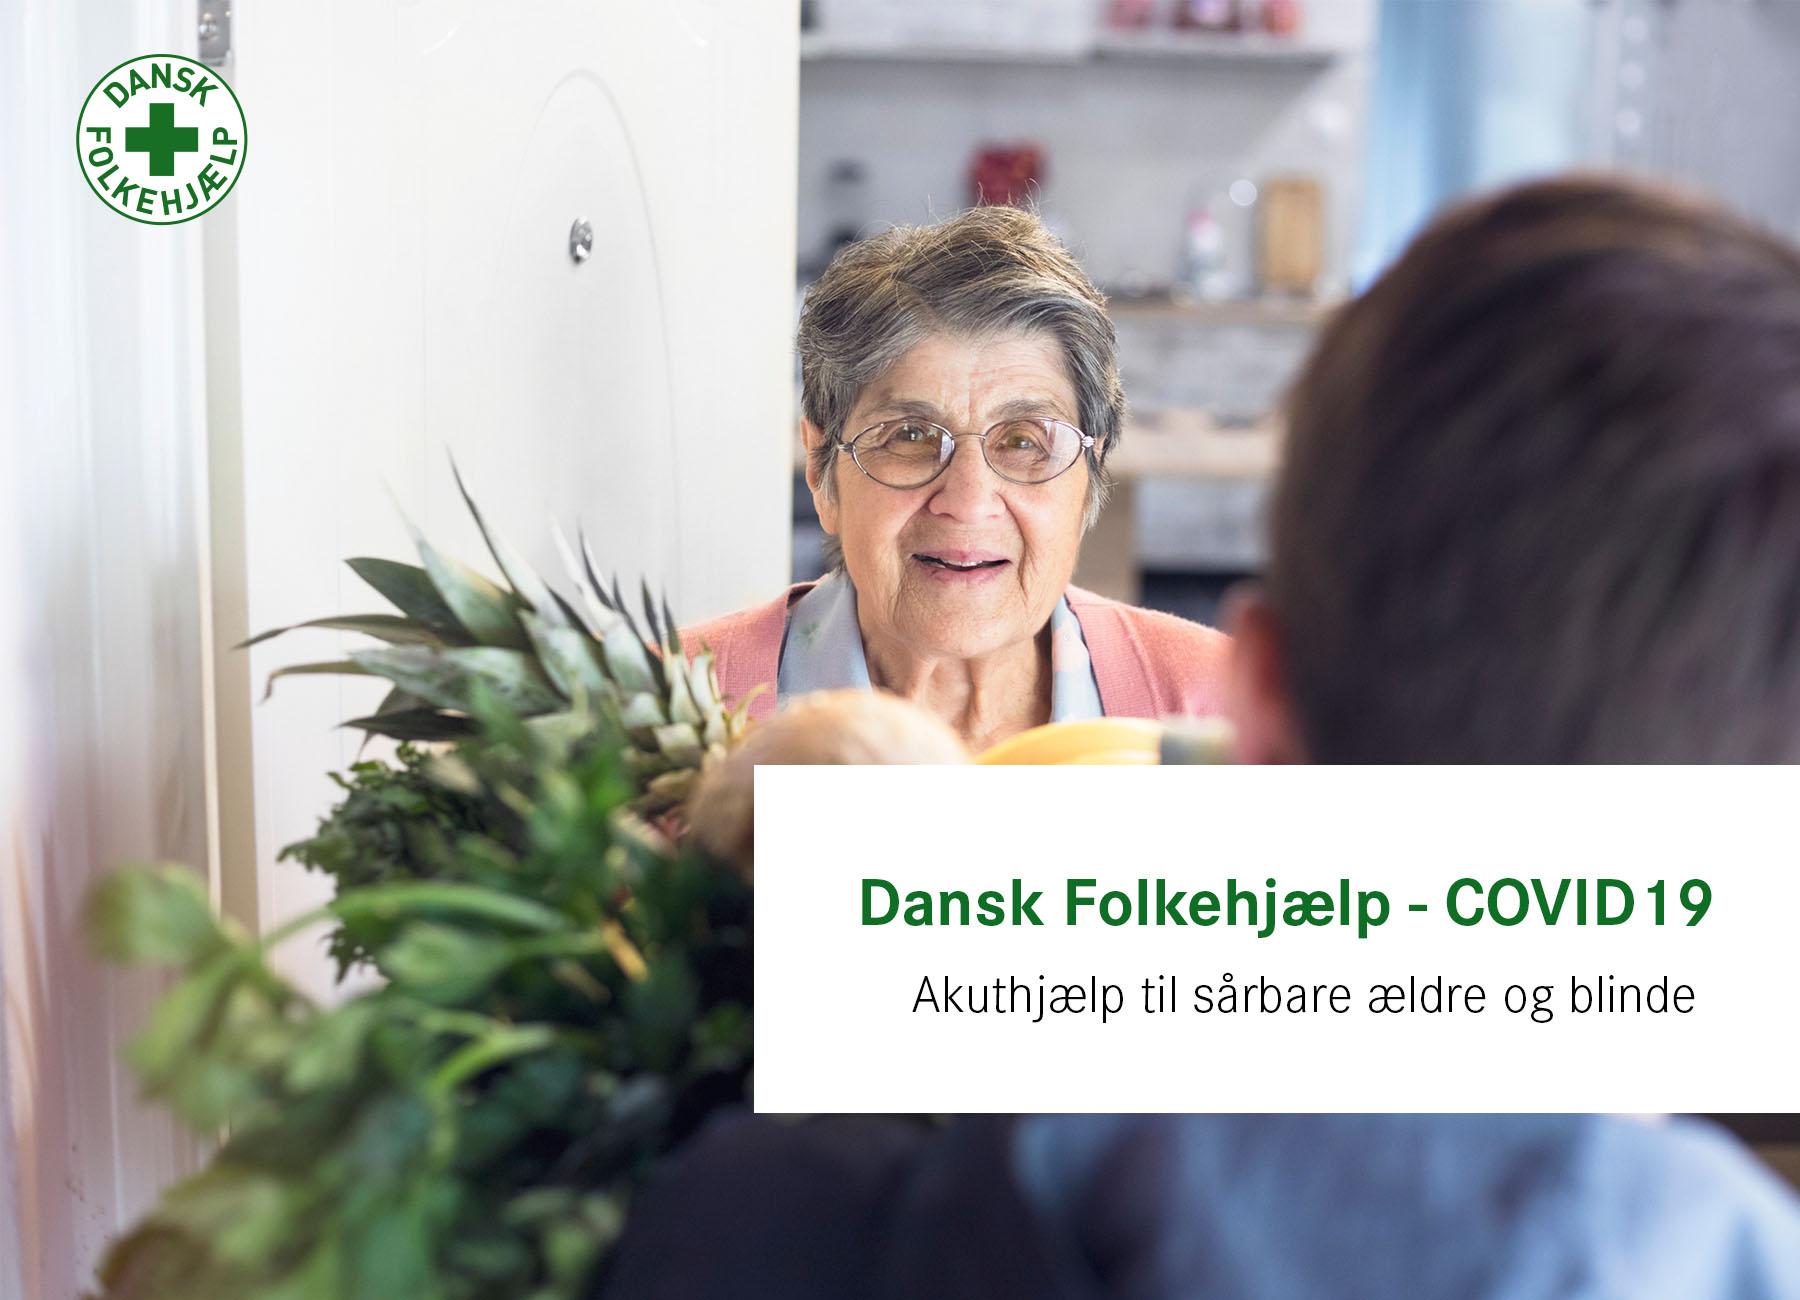 Akuthjælp til sårbare ældre